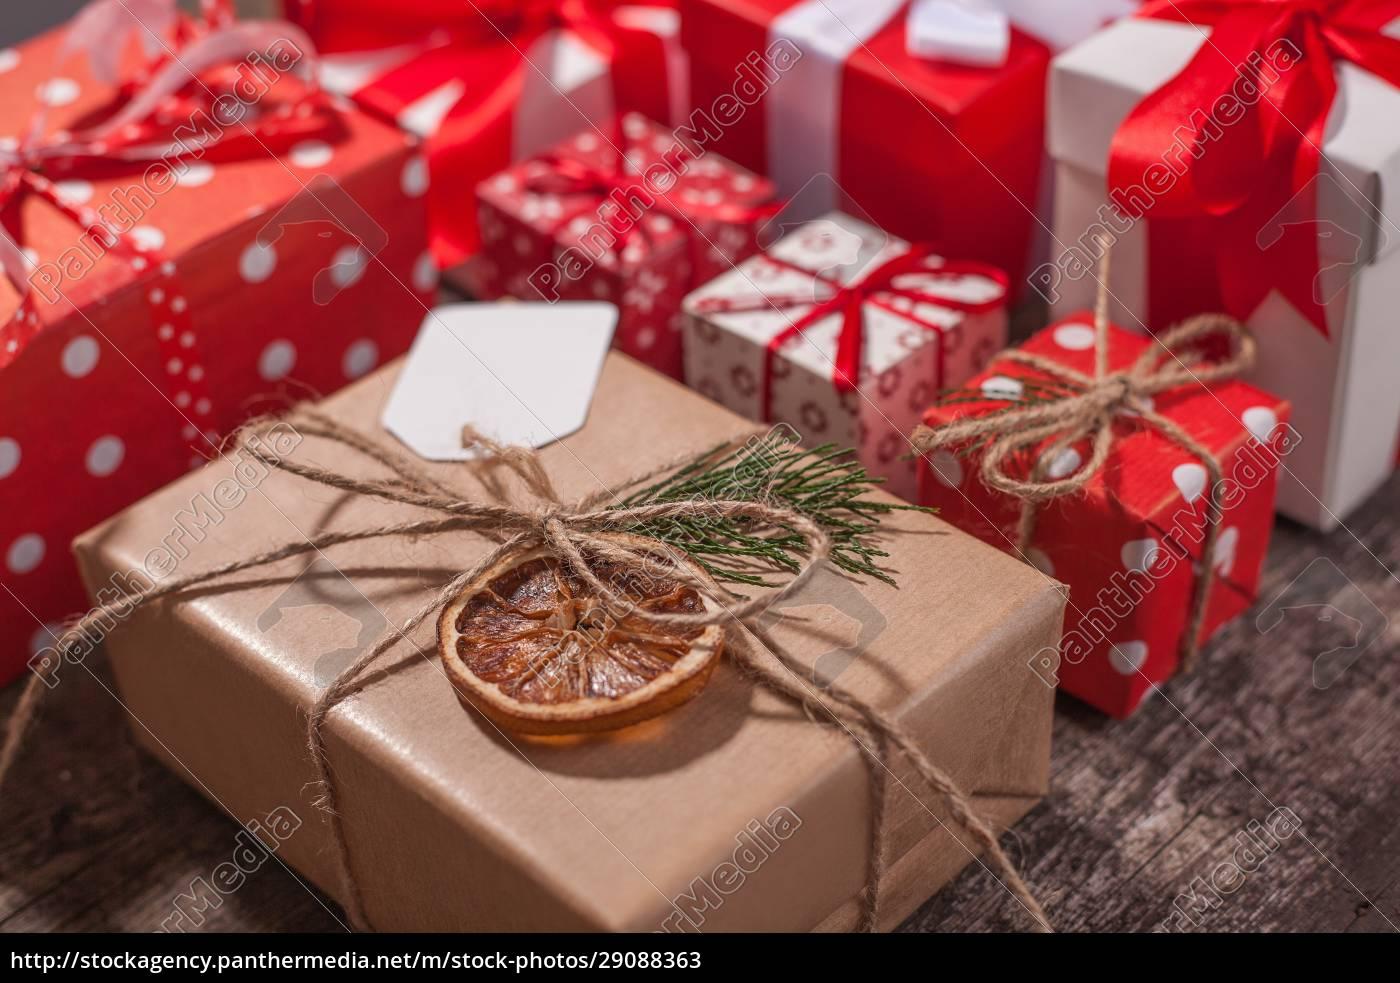 håndlavede, indpakket, julegave, kasser, på, fejre - 29088363